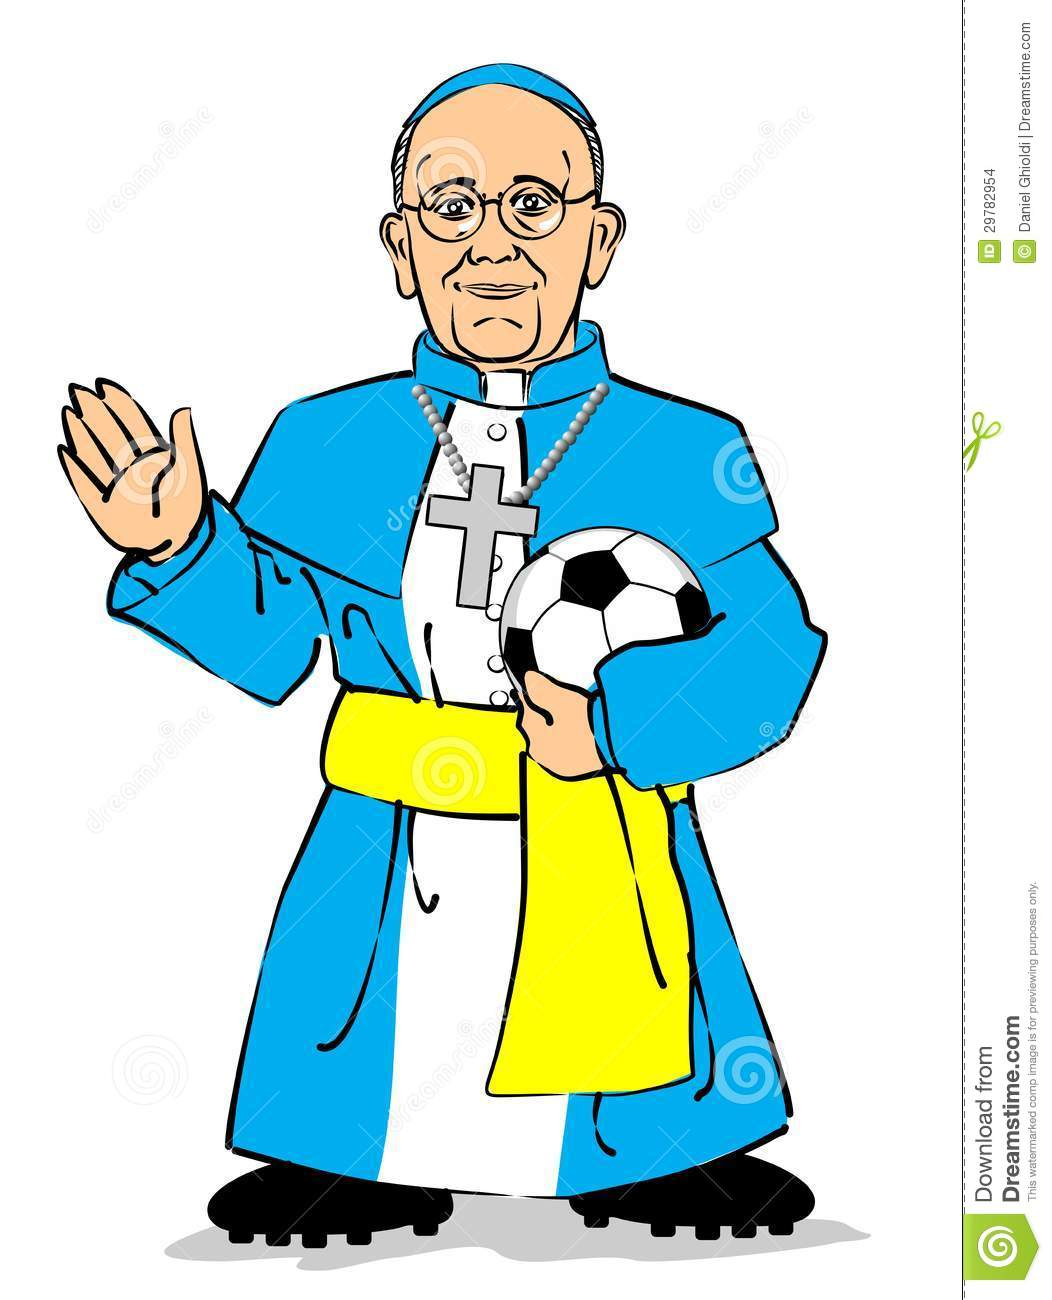 Papa francisco clipart.